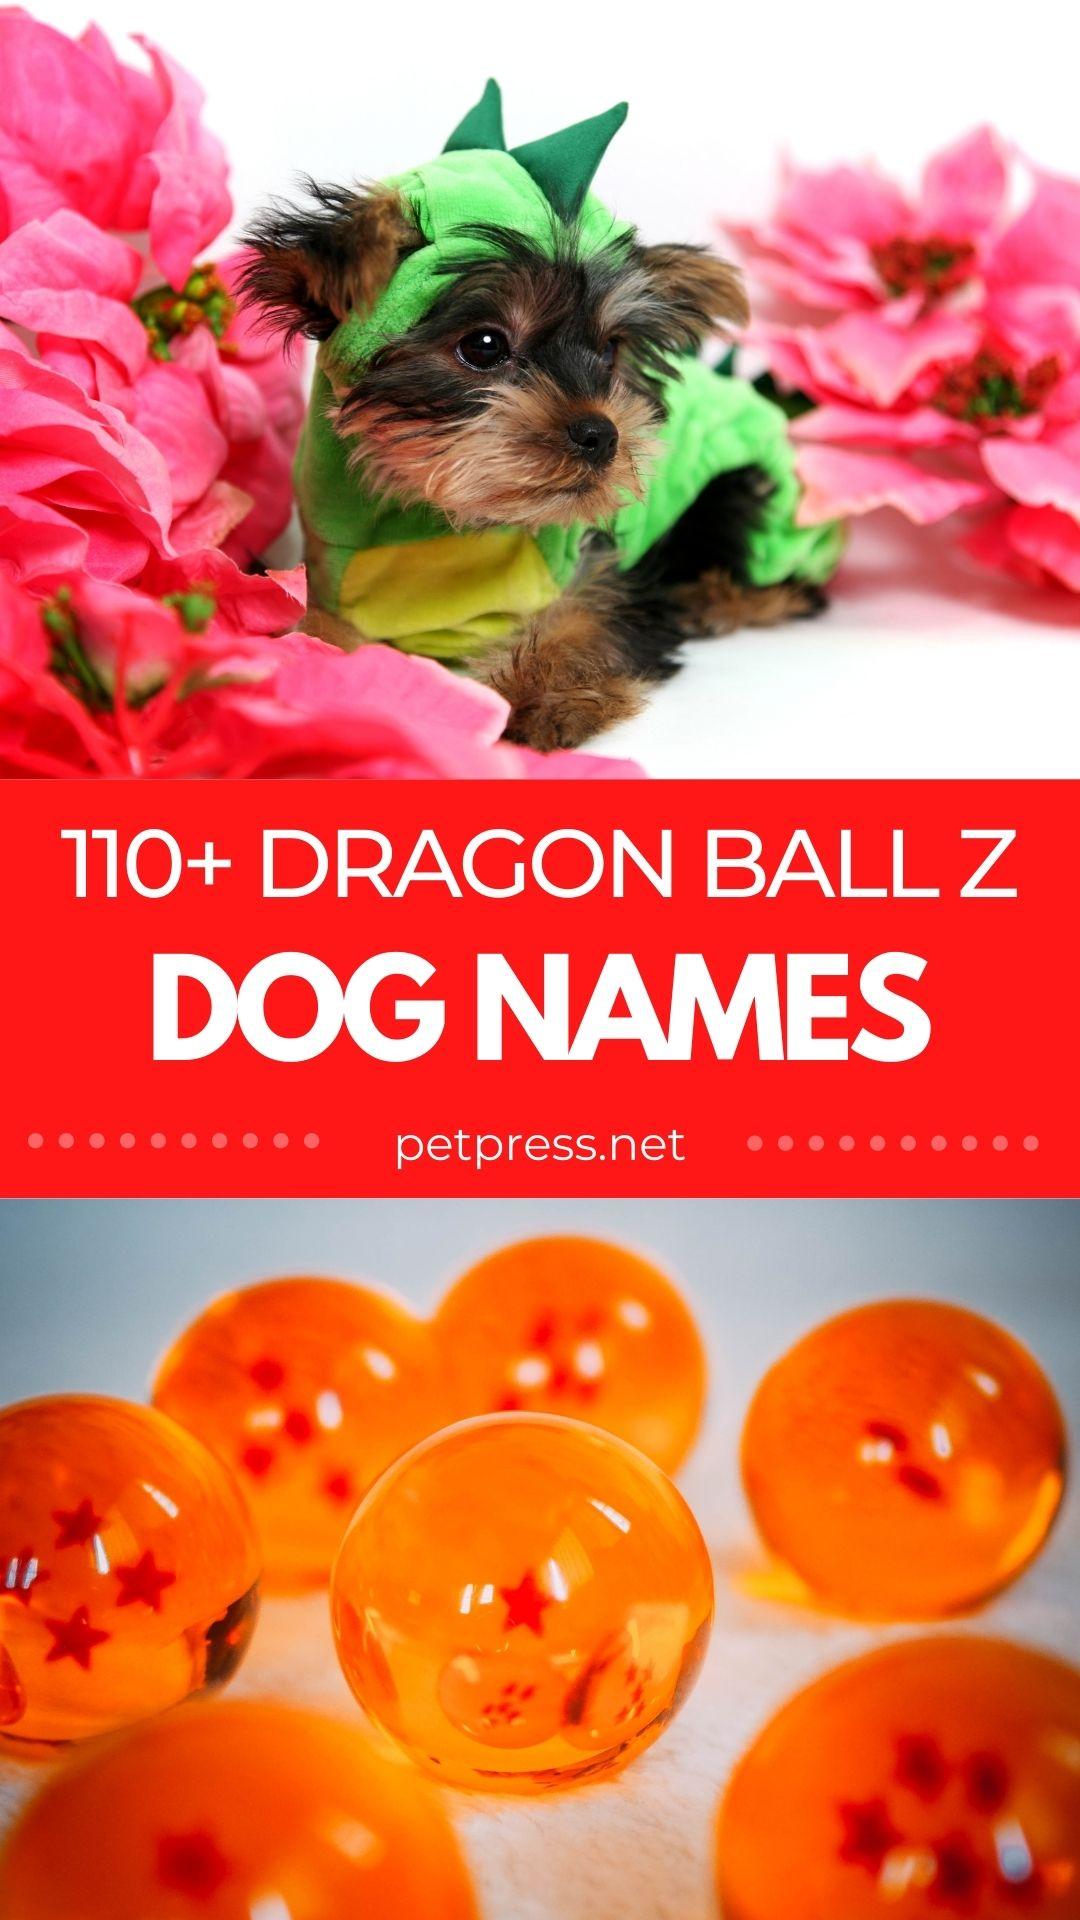 dragon ball dog names